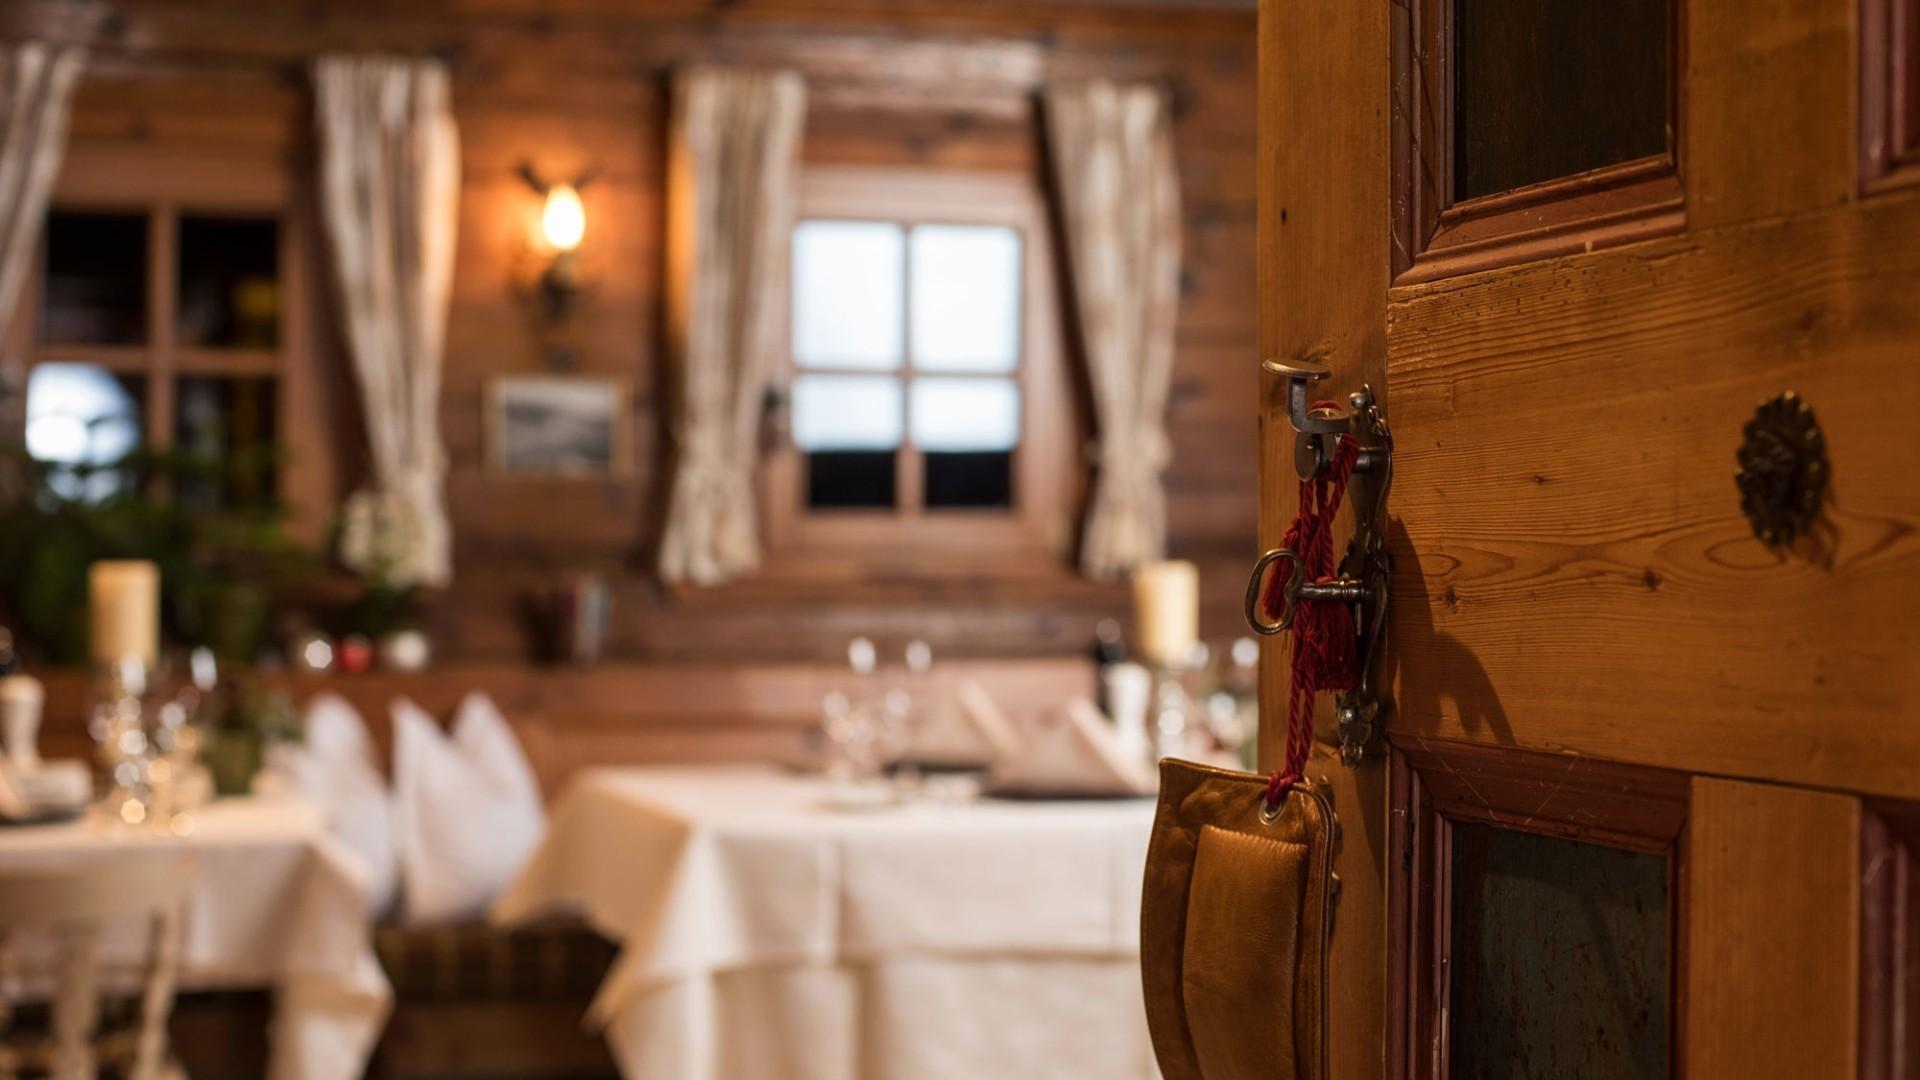 Das Restaurant Walser Stube im hotel und chalet madlochBlick in Lech am Arlberg.